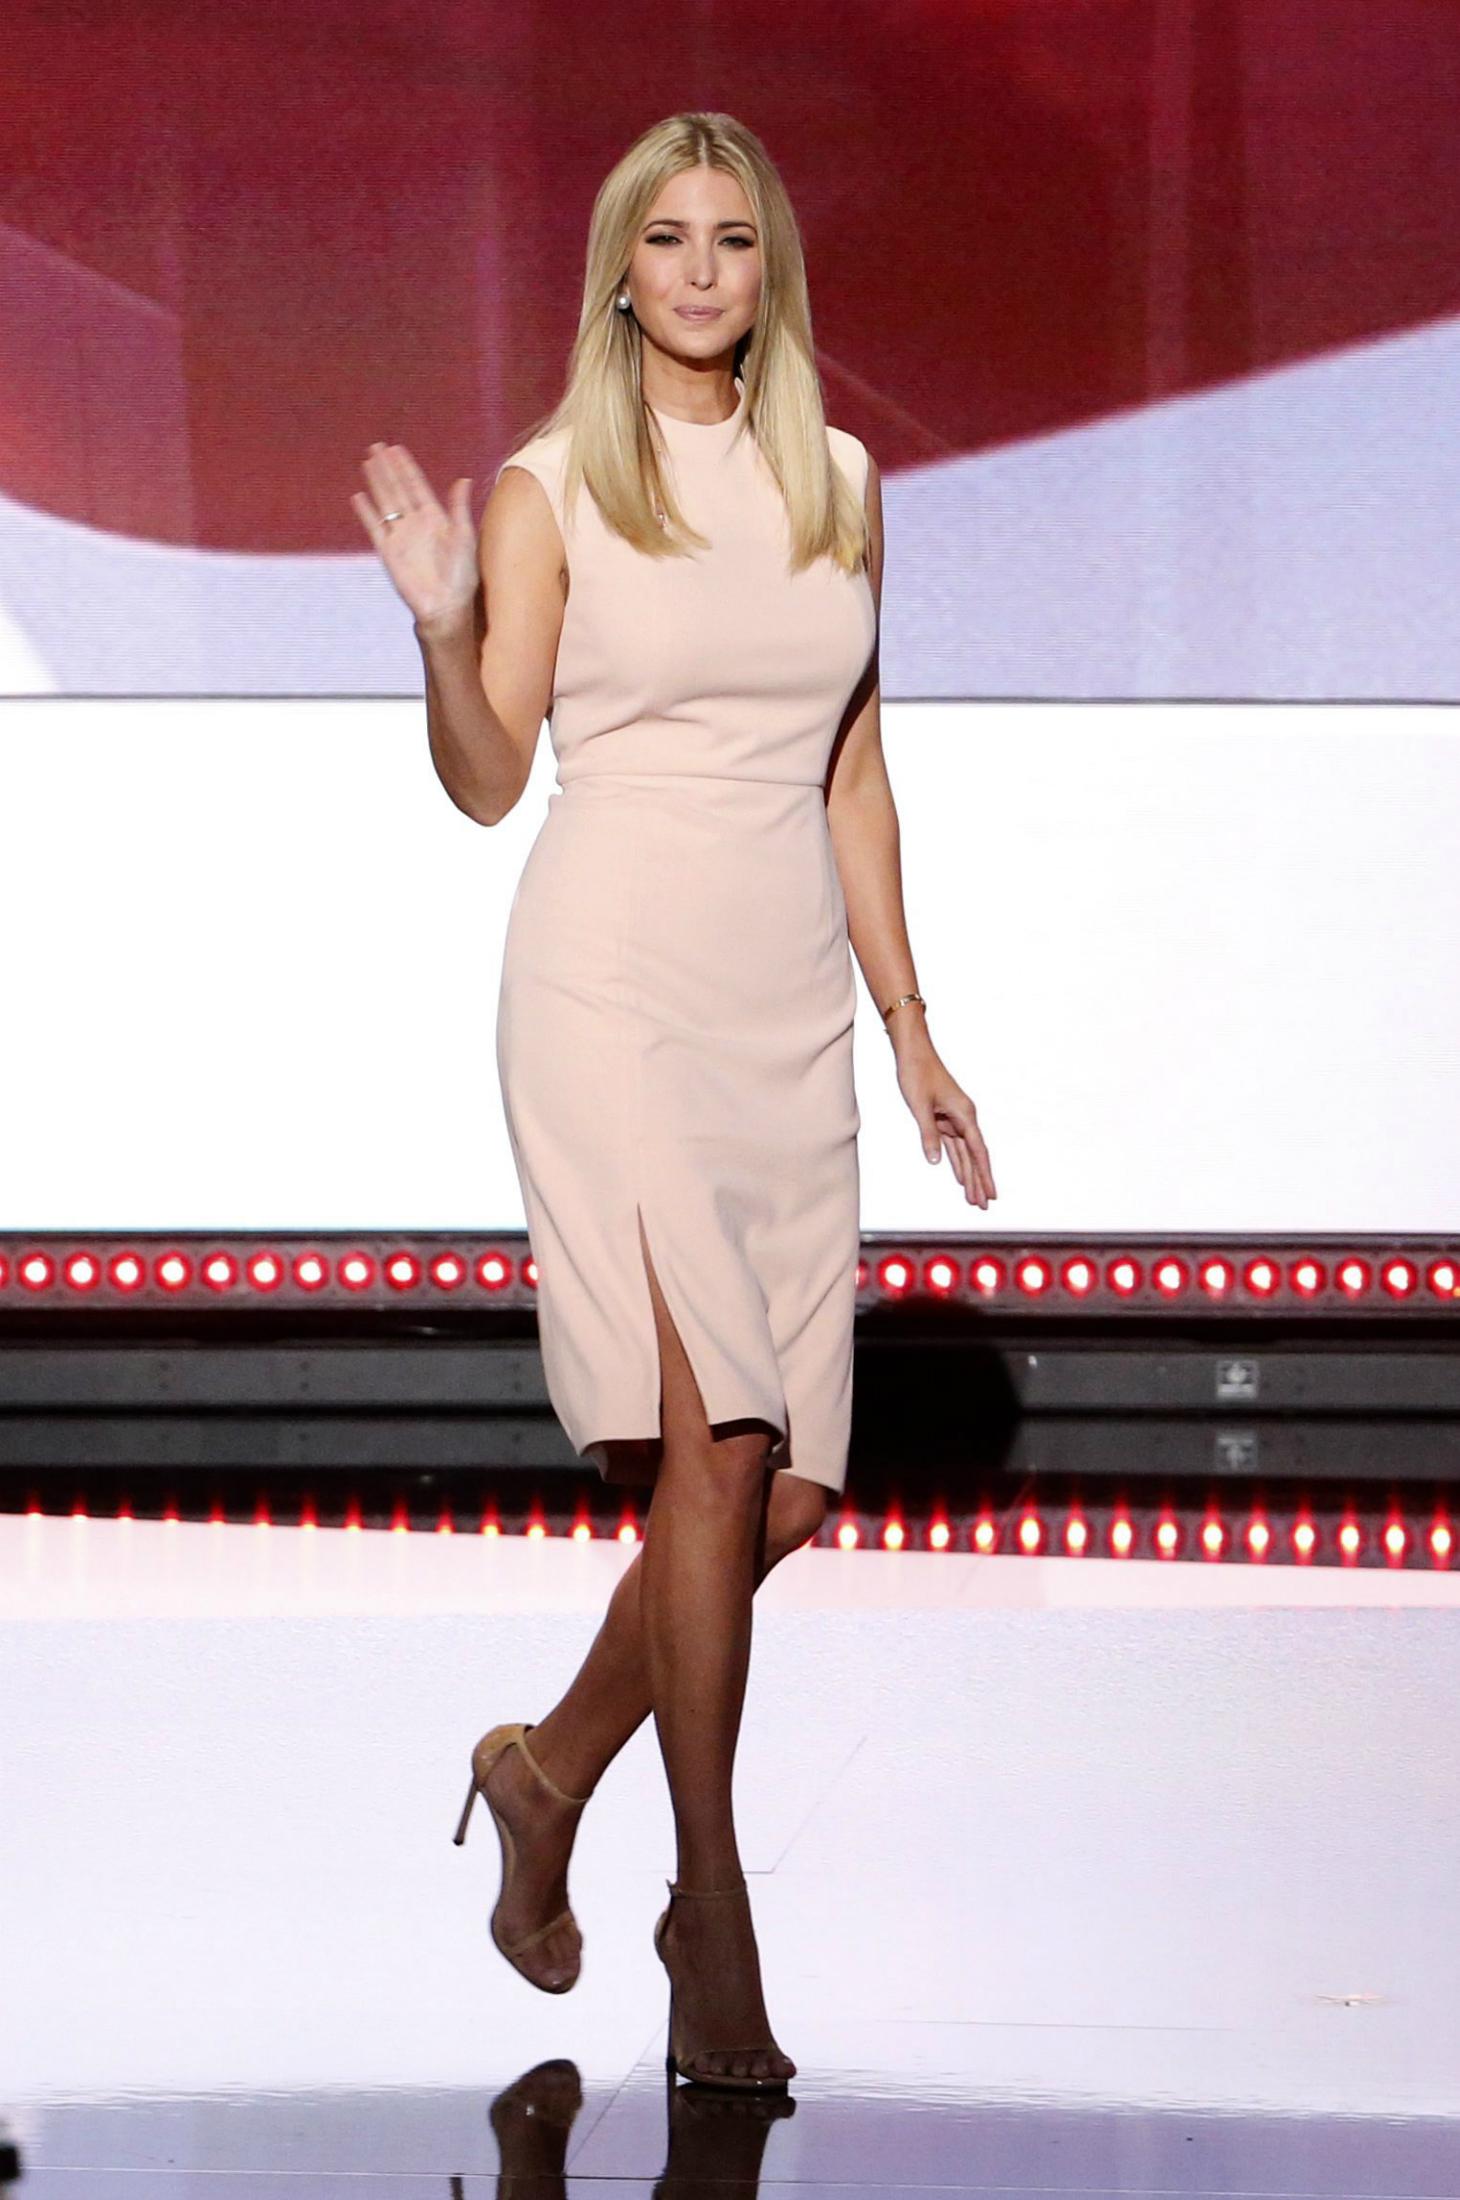 Ivanka, la segunda hija de Donald Trump, ha sido un gran apoyo de su padre. EFE/SHAWN THEW